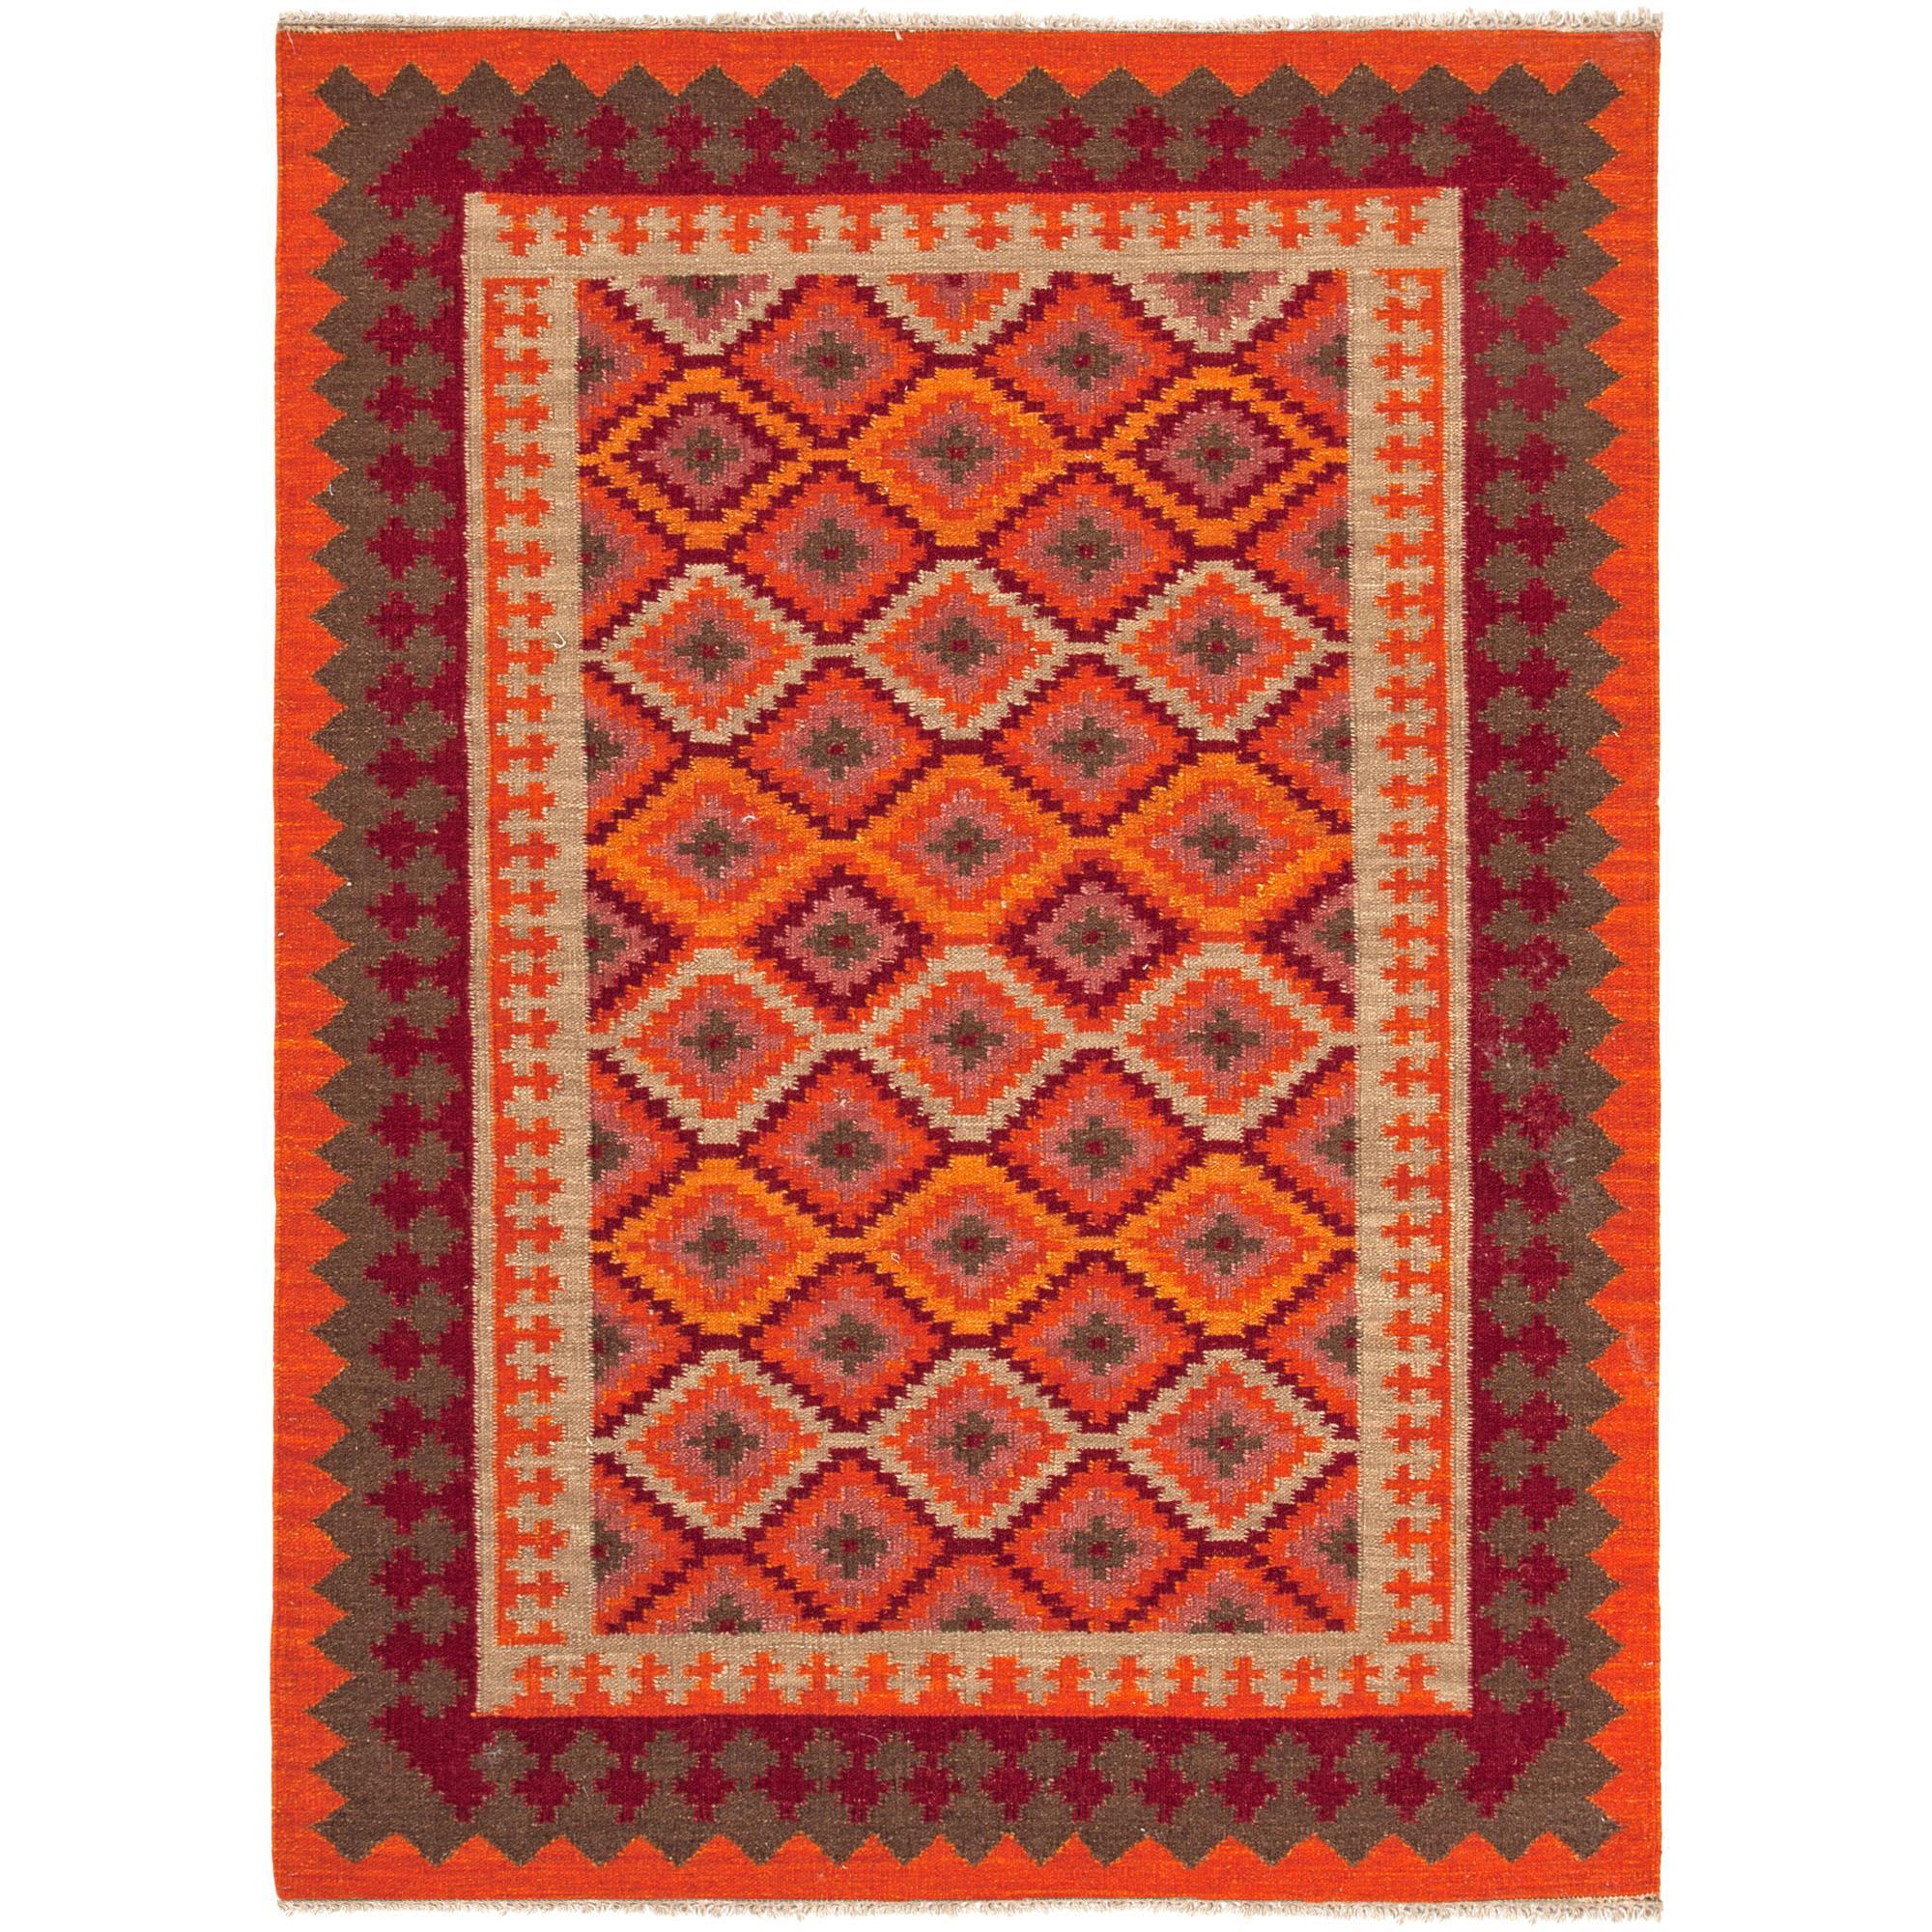 JAIPUR Rugs Anatolia 4 x 6 Rug - Item Number: RUG100193